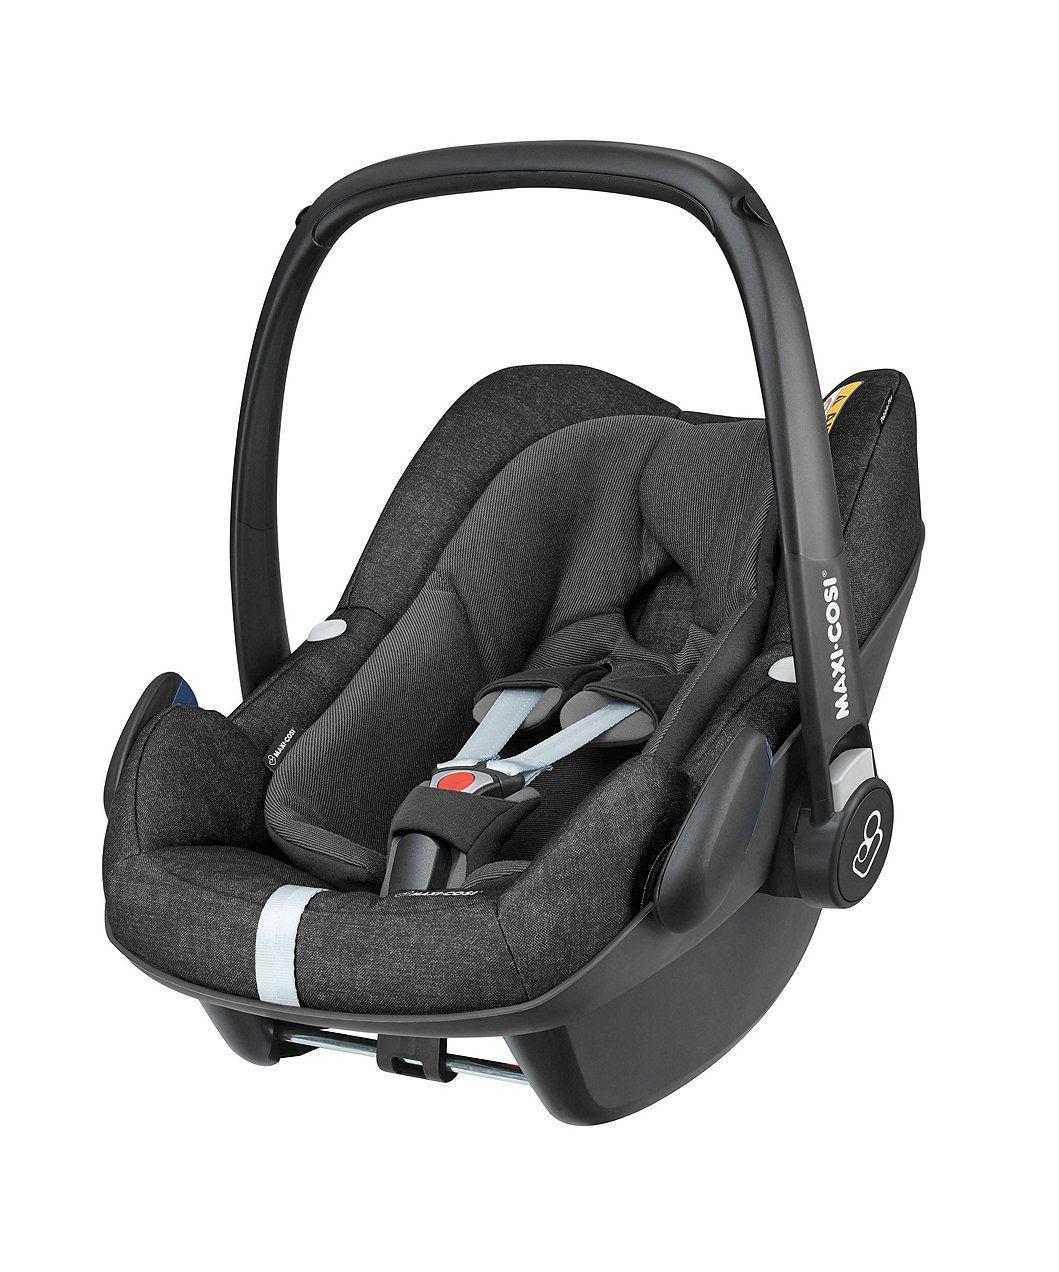 Maxi Cosi Pebble Plus Infant Car Seat Nomad Black Baby Car Seats Maxi Cosi Car Seat Car Seats